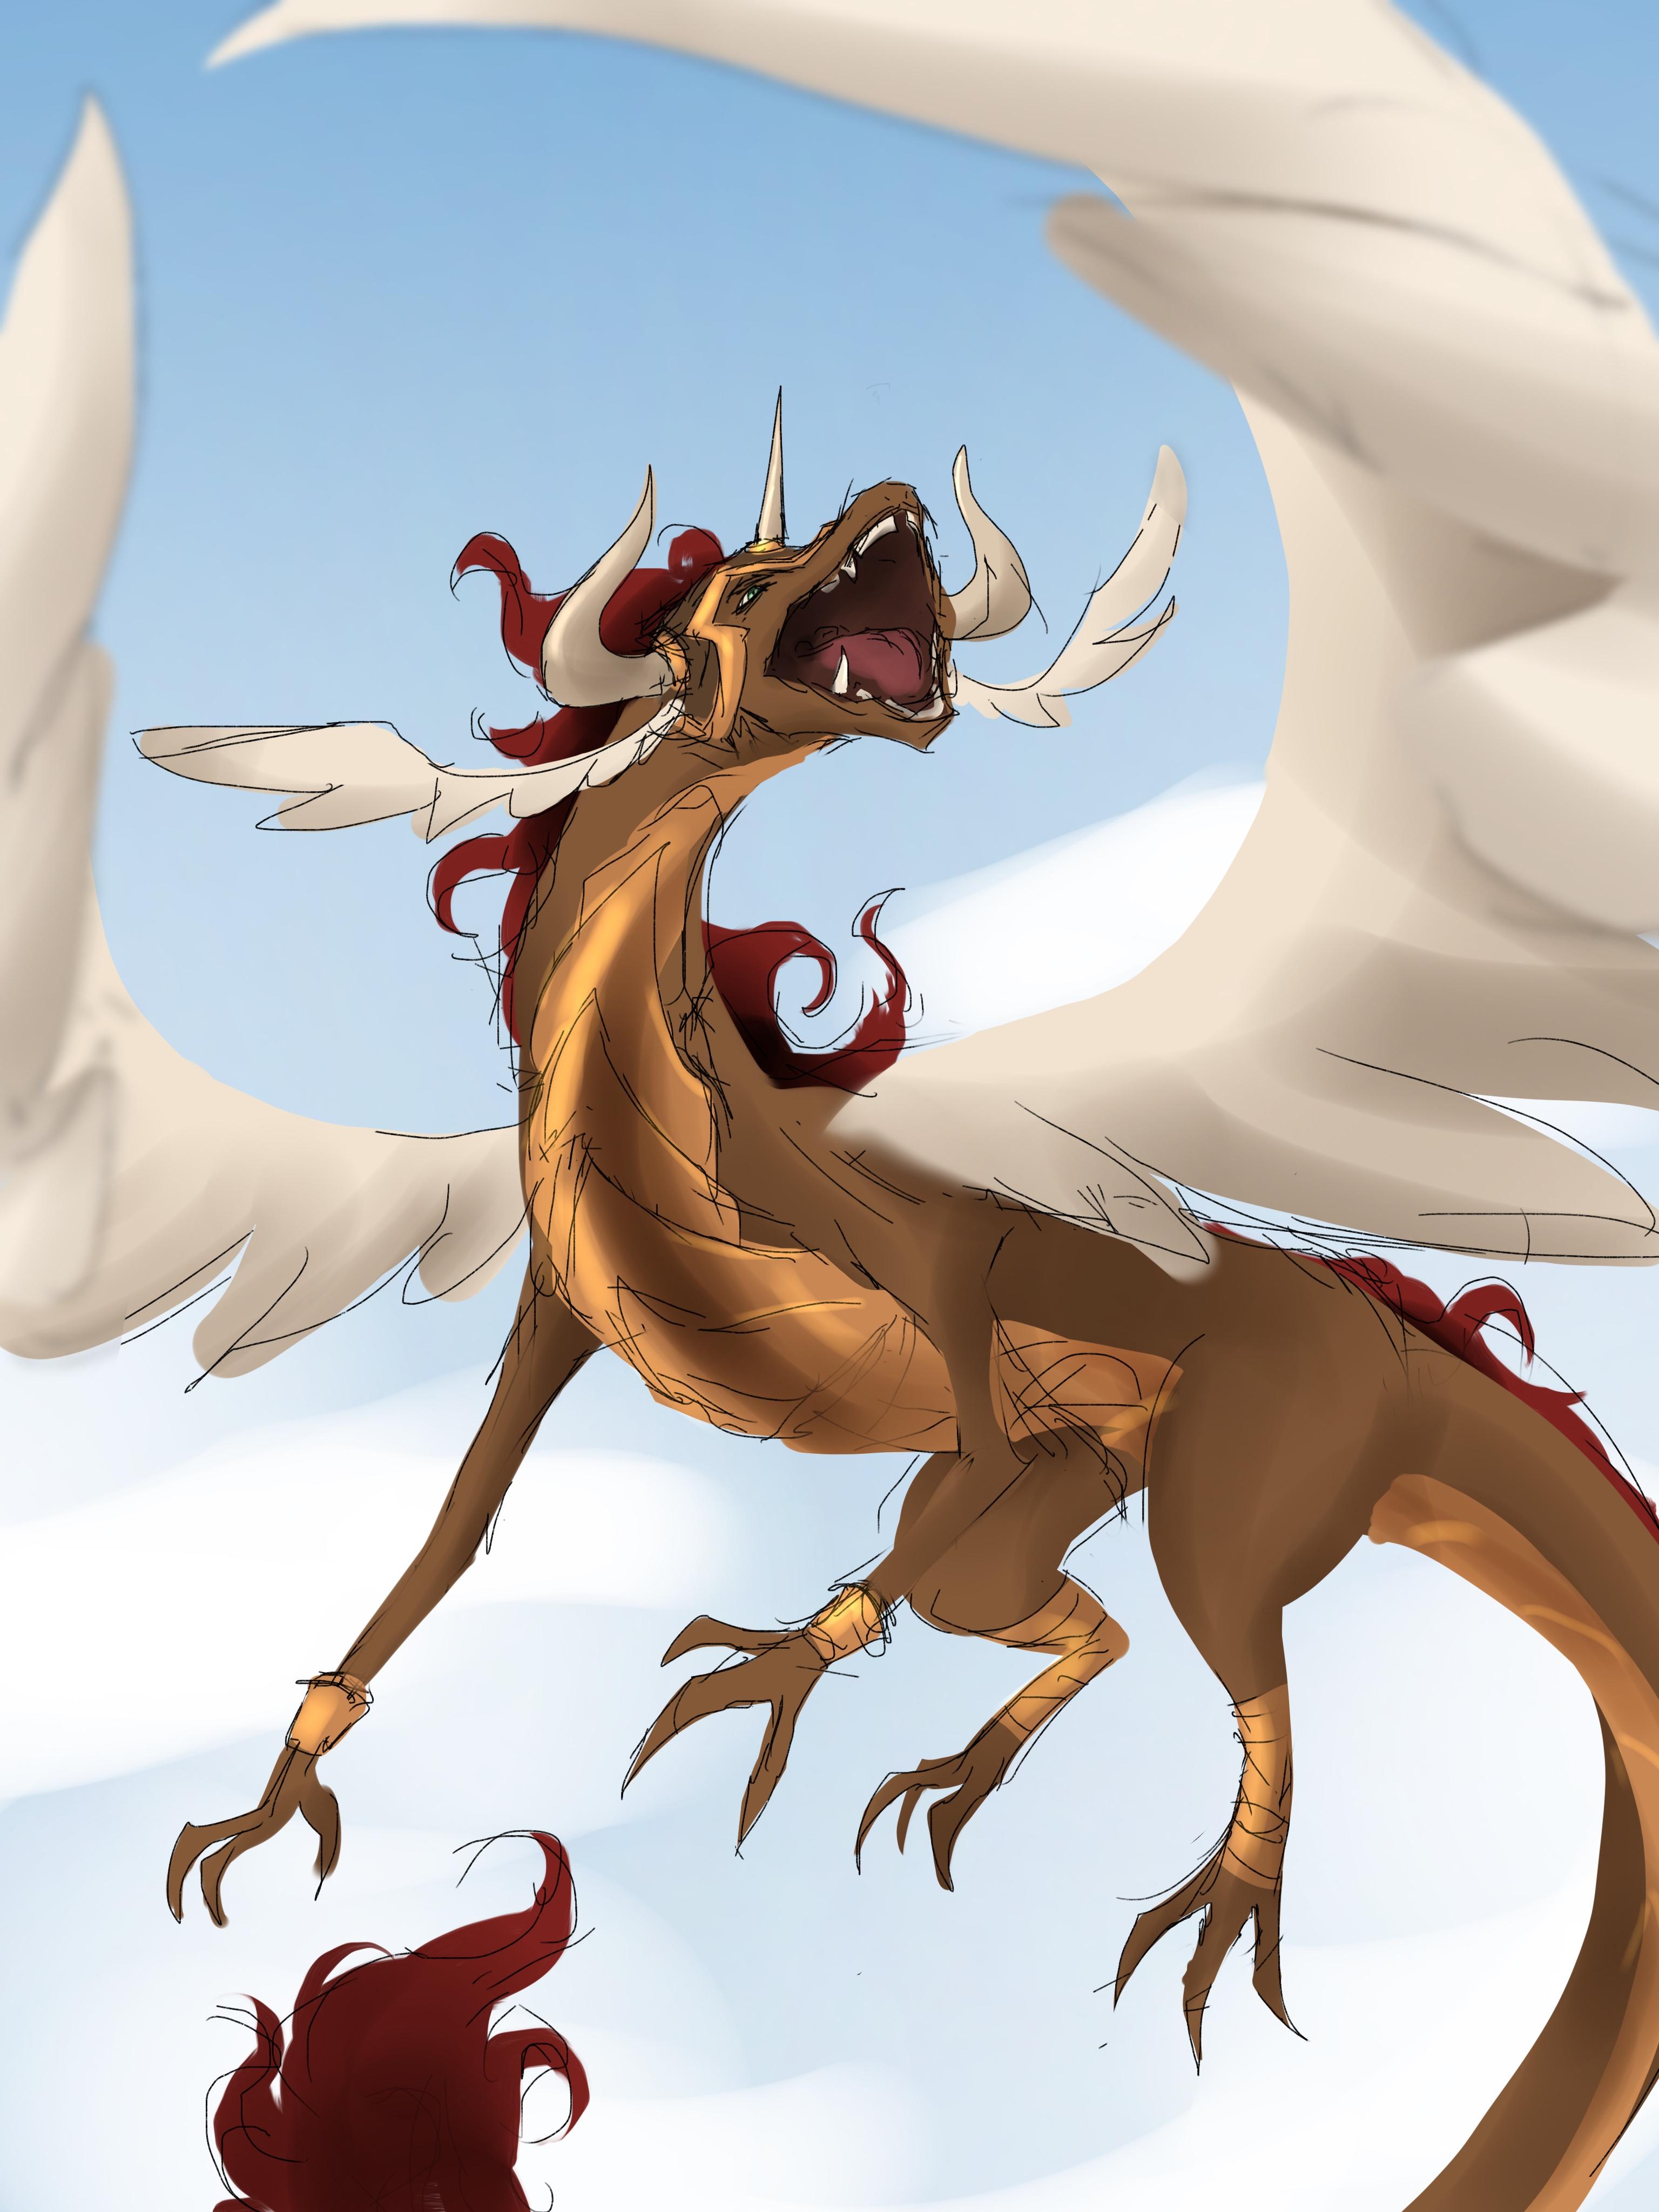 dragon_wigfrid_by_frygia-dckmtvi.jpg